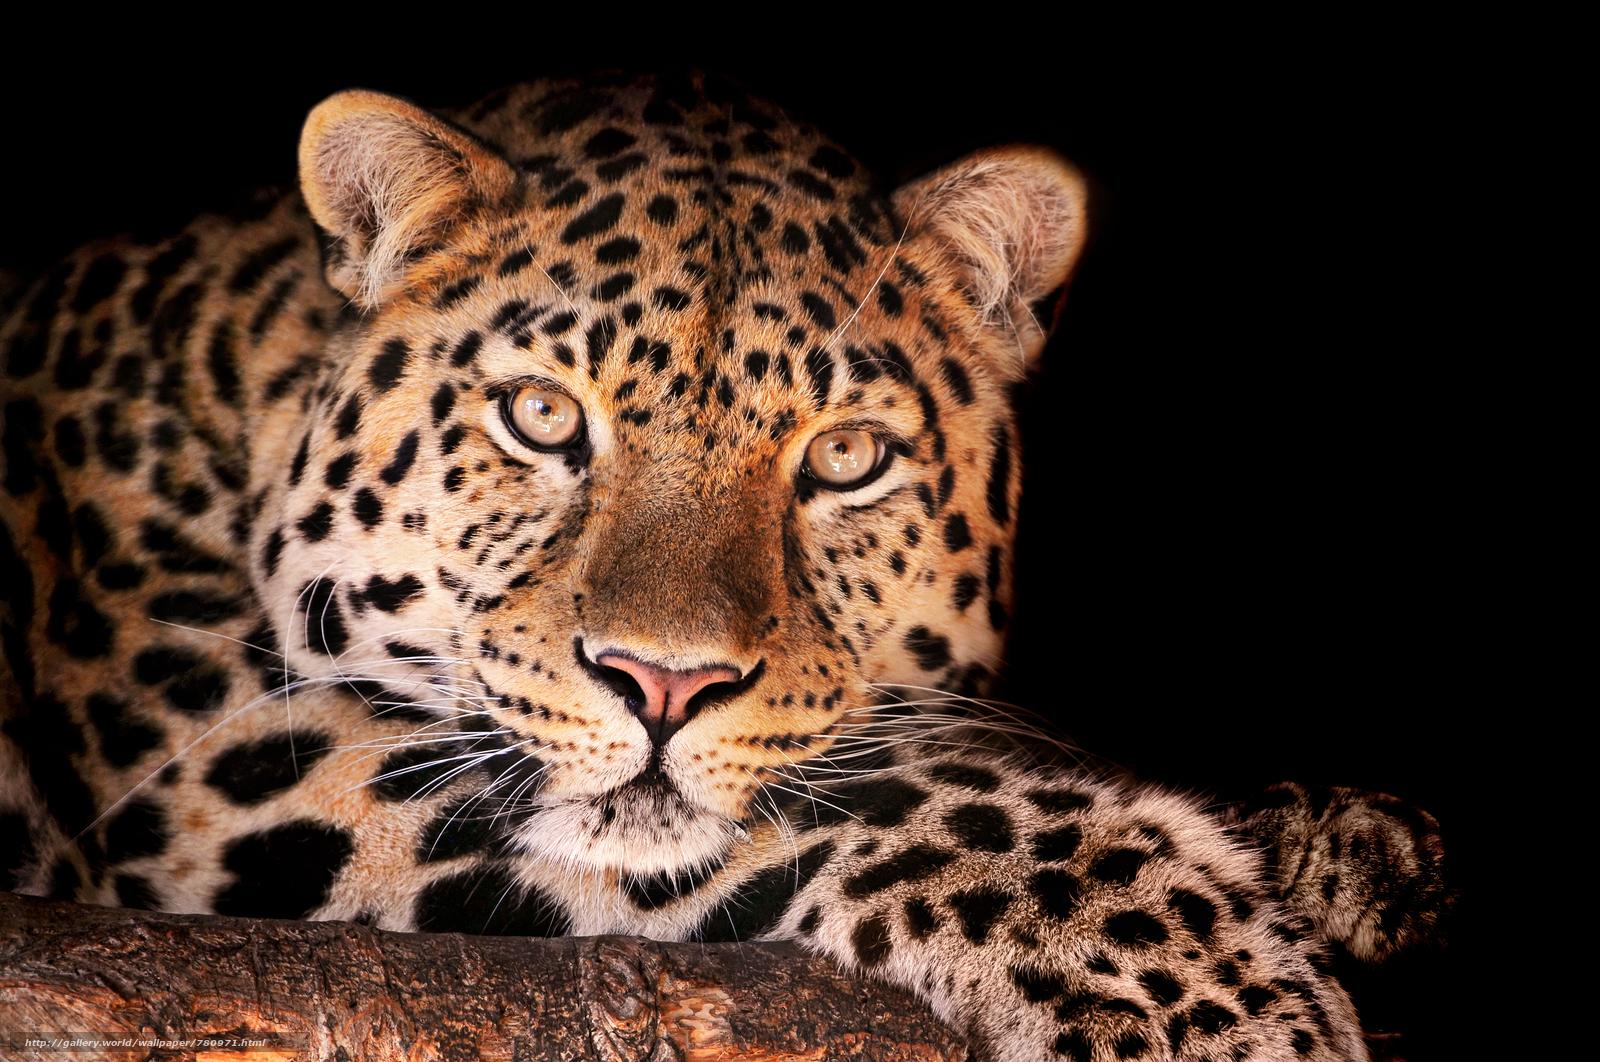 Leopard, Raubtier, Maulkorb, Ansicht, Tier